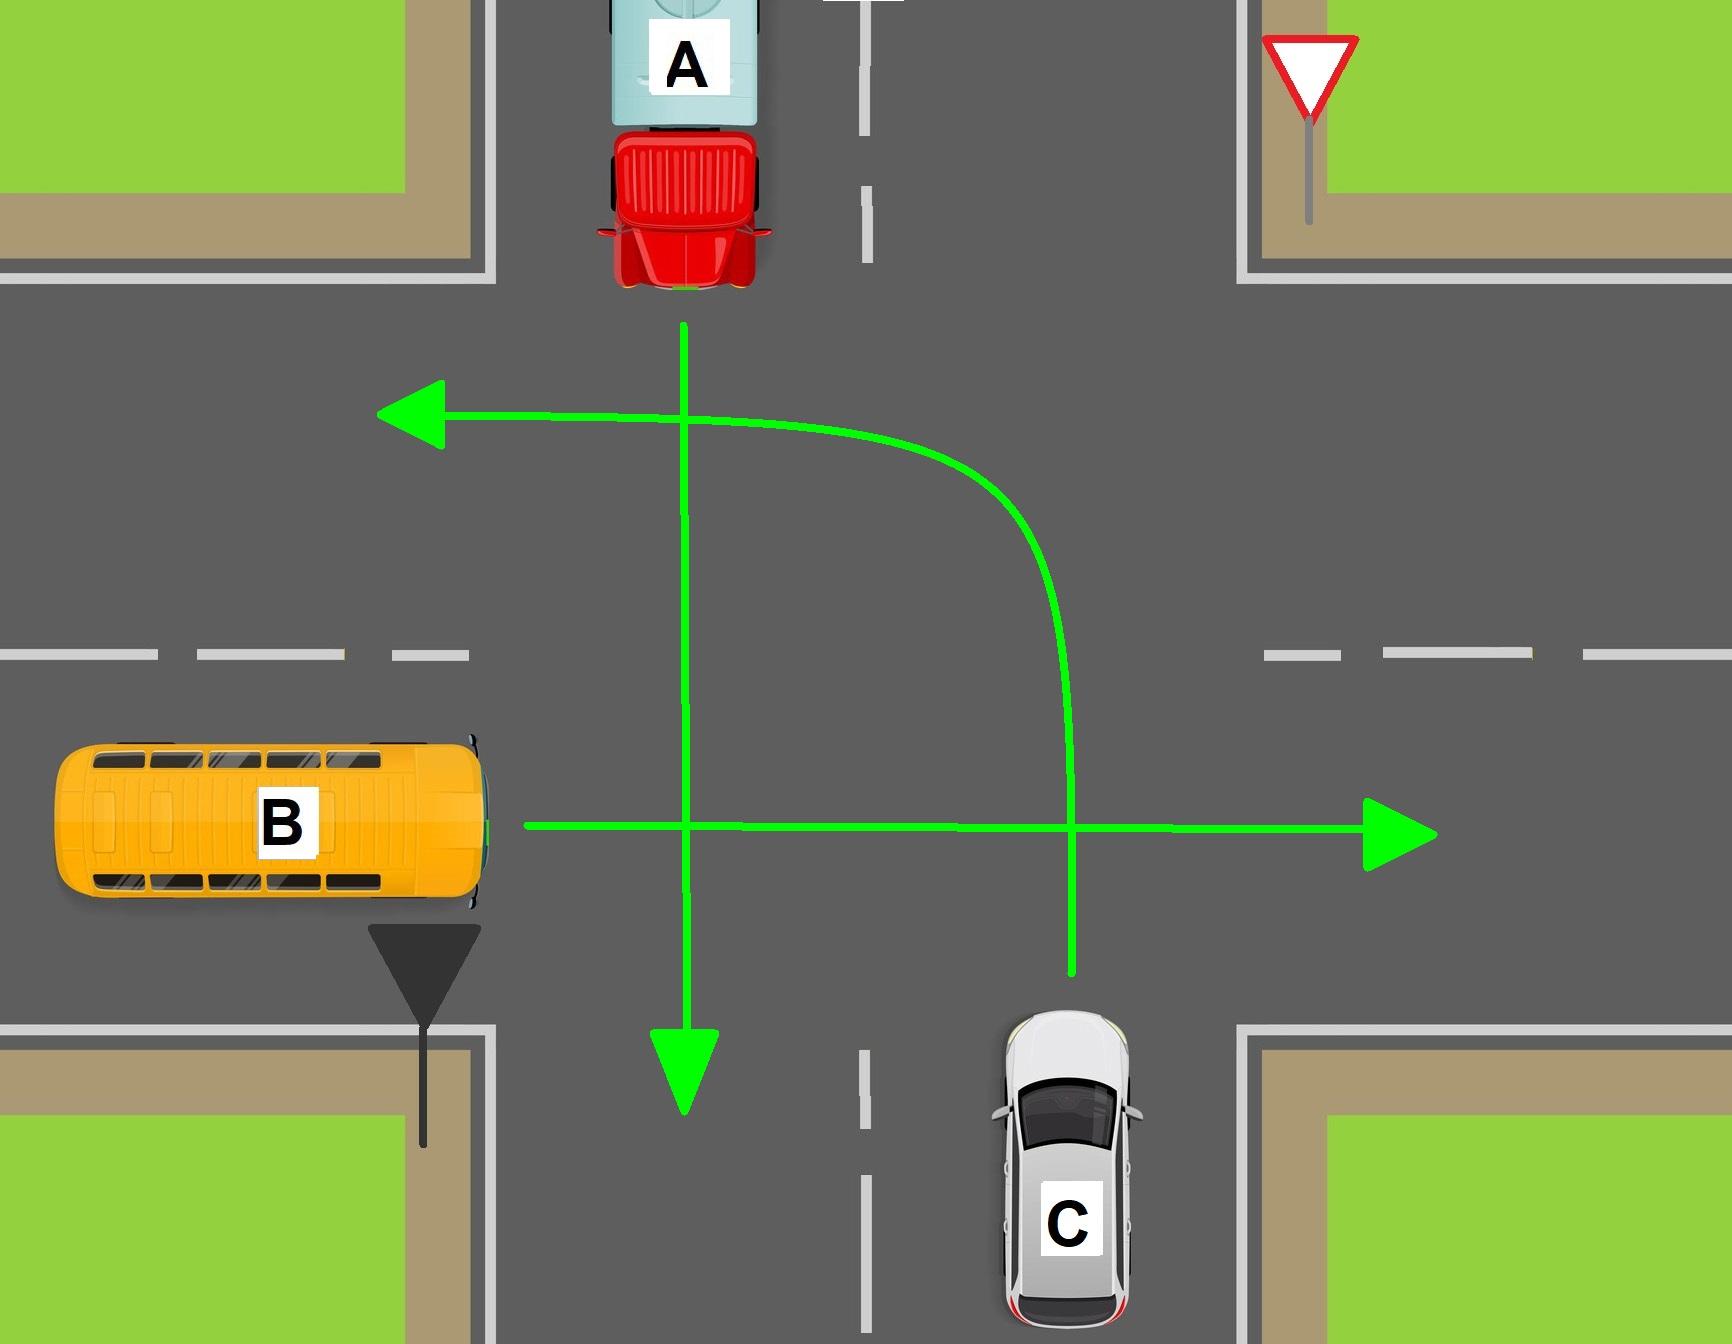 Milyen sorrendben haladhatnak át a kereszteződésben a járművek?